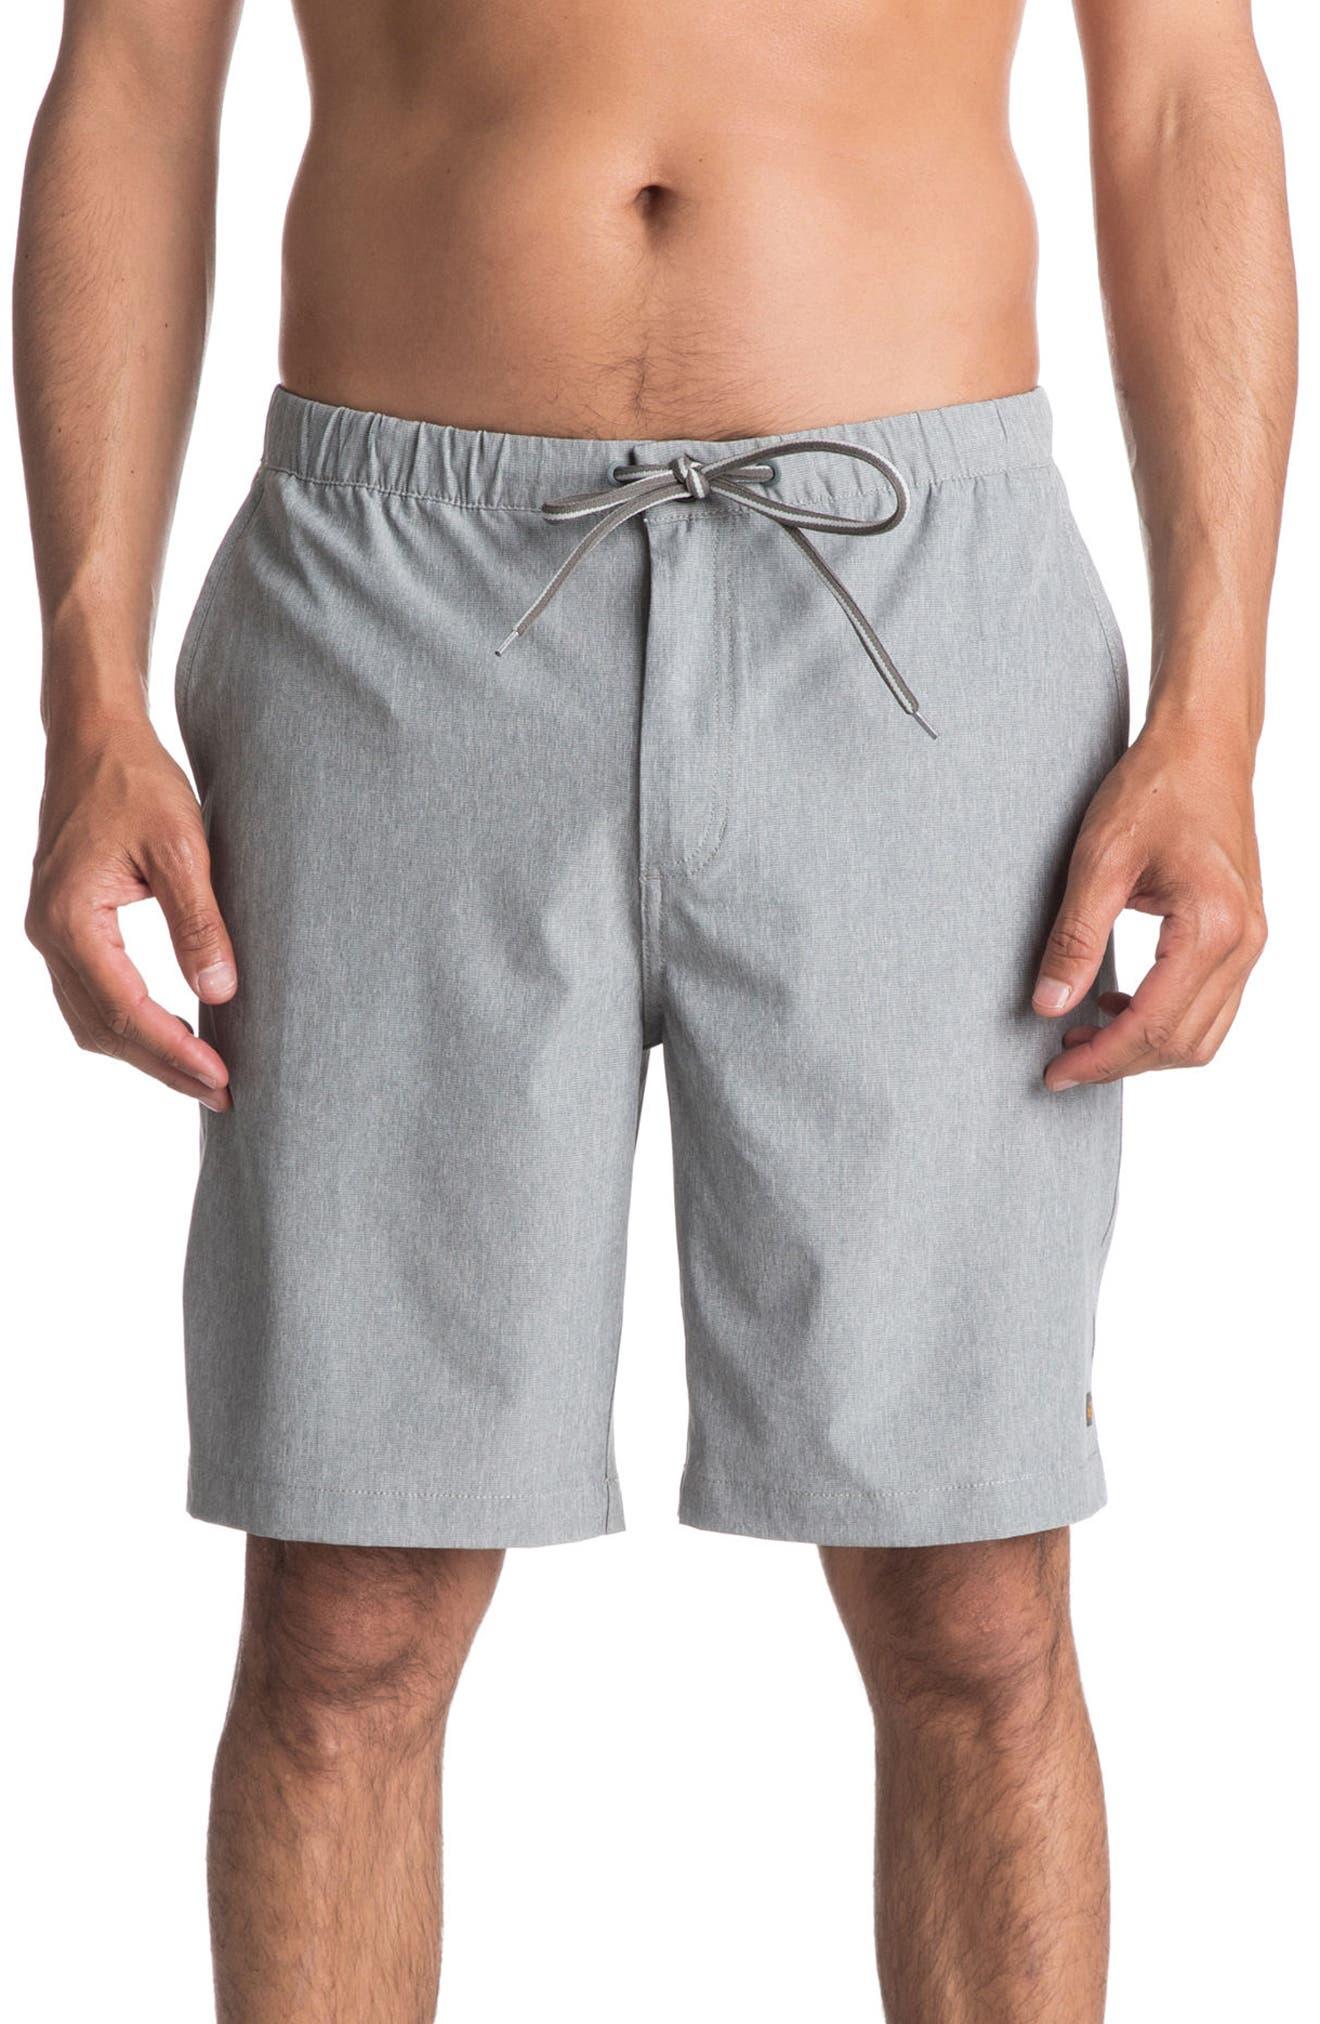 Suva Amphibian Shorts,                         Main,                         color, Grey